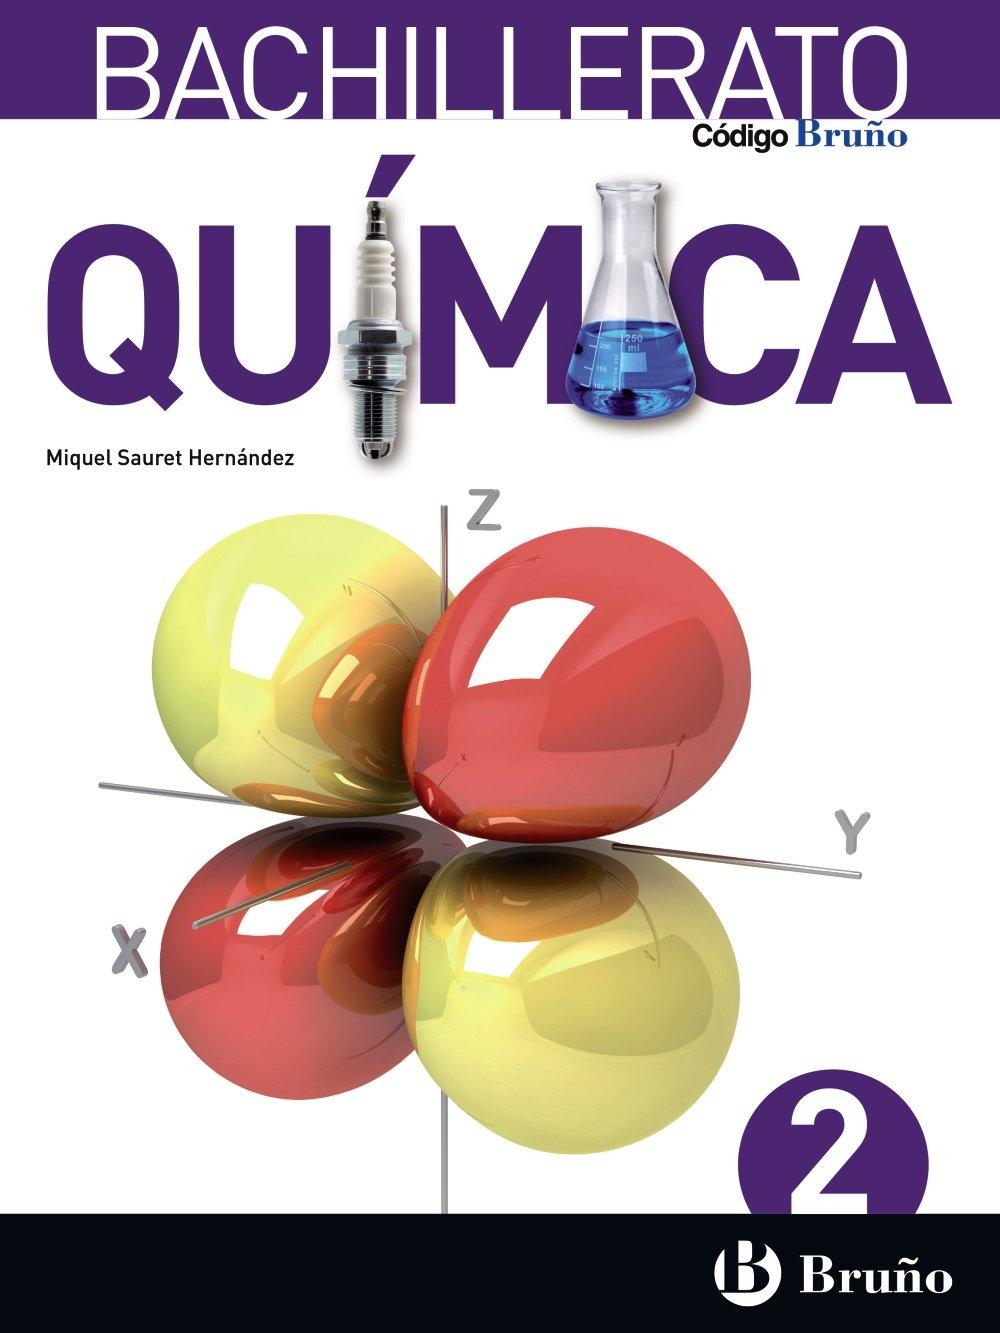 Código Bruño Química 2 Bachillerato - 9788469611630: Amazon.es: Sauret Hernández, Miquel: Libros